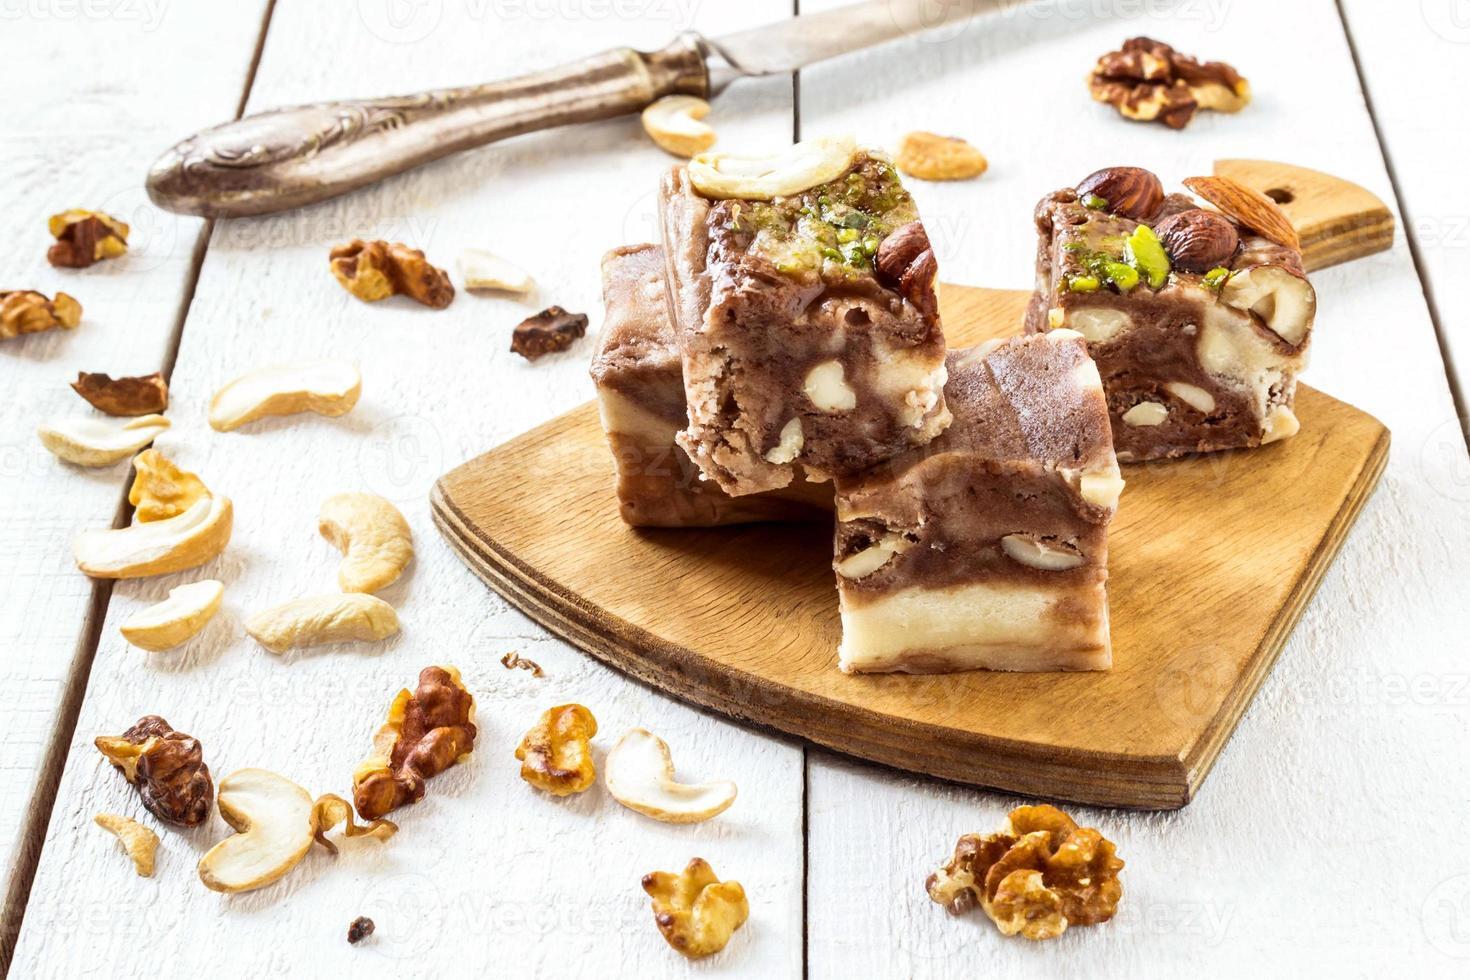 bonbons orientaux traditionnels - sorbet photo